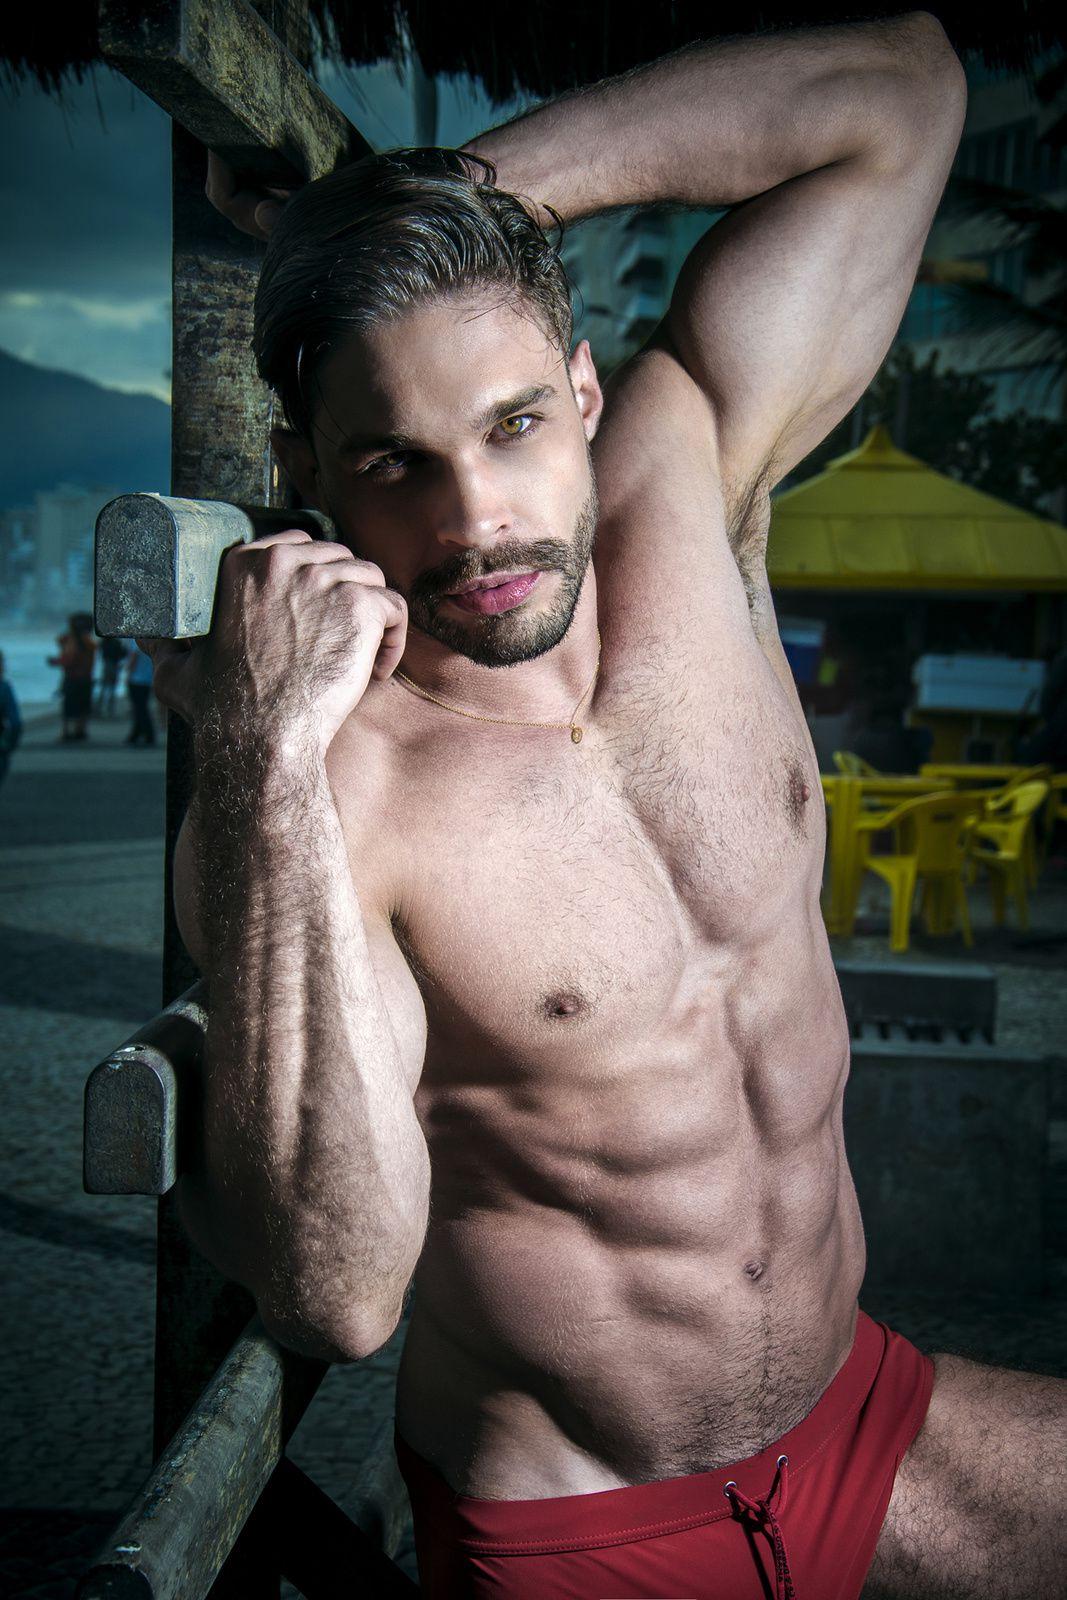 Julian G. par Lëo Castro